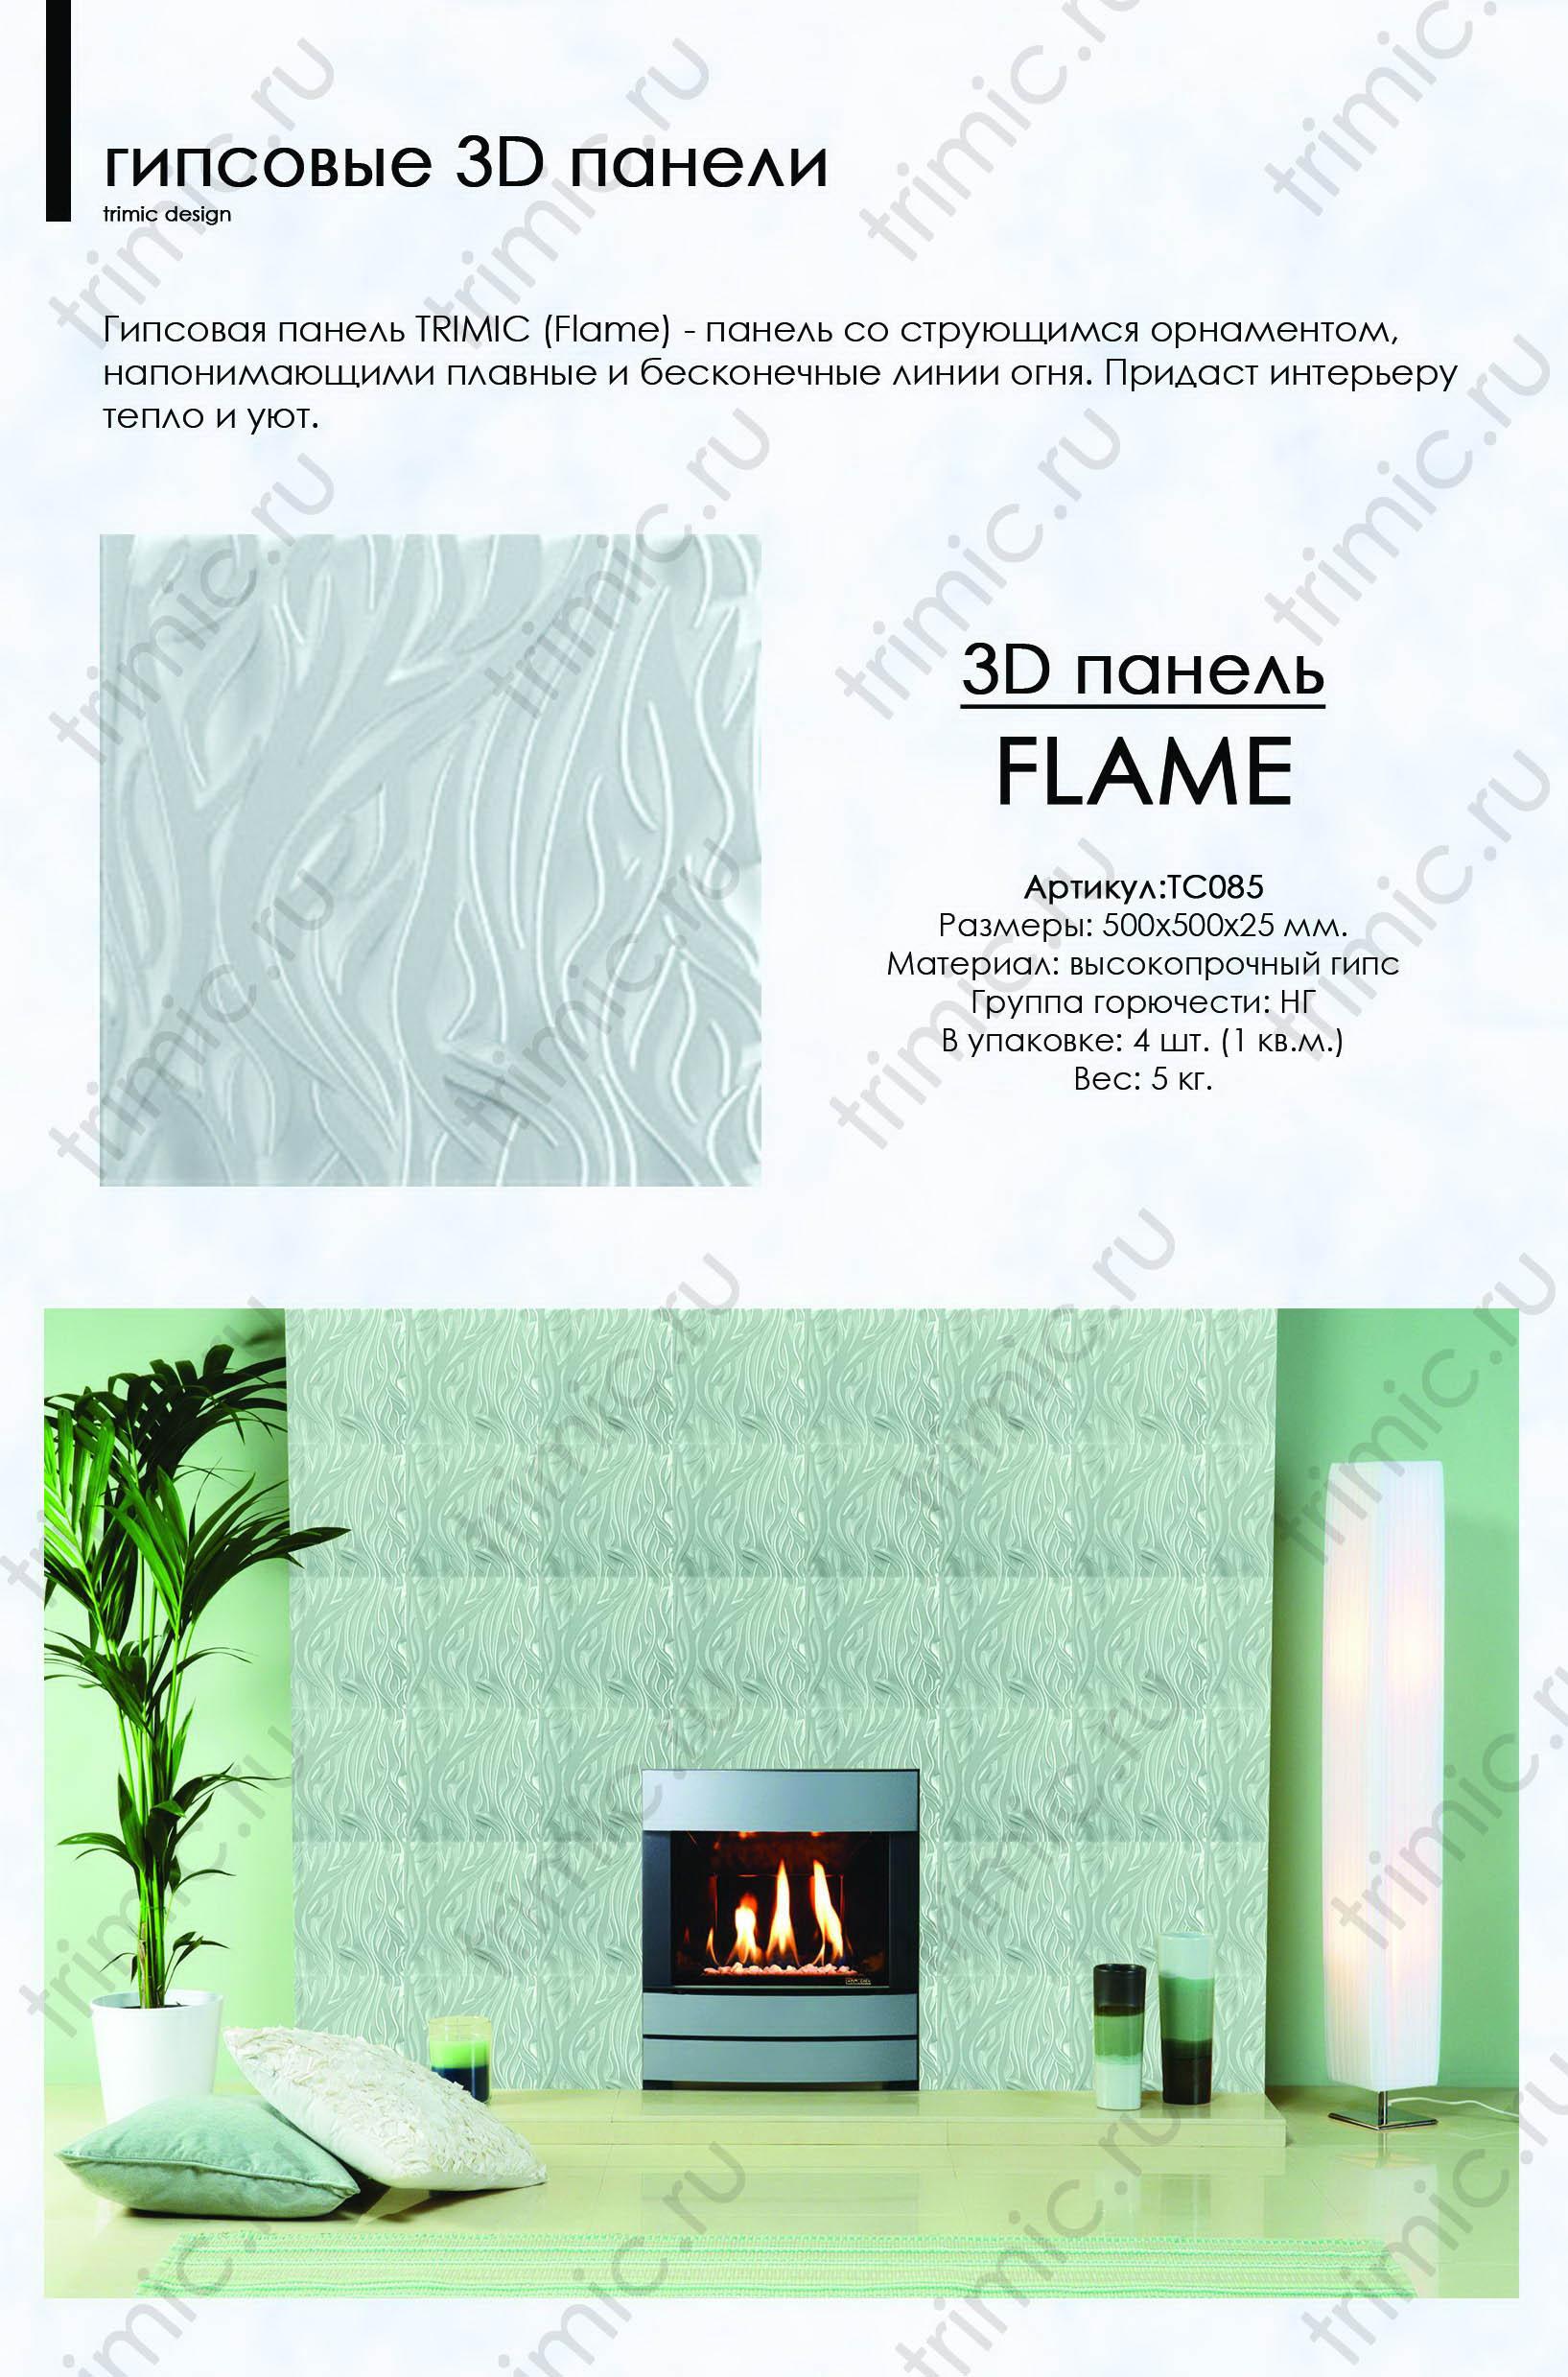 Гипсовая 3D панель FLAME панель со струящимся орнаментом, напоминающие плавные и бесконечные линии огня